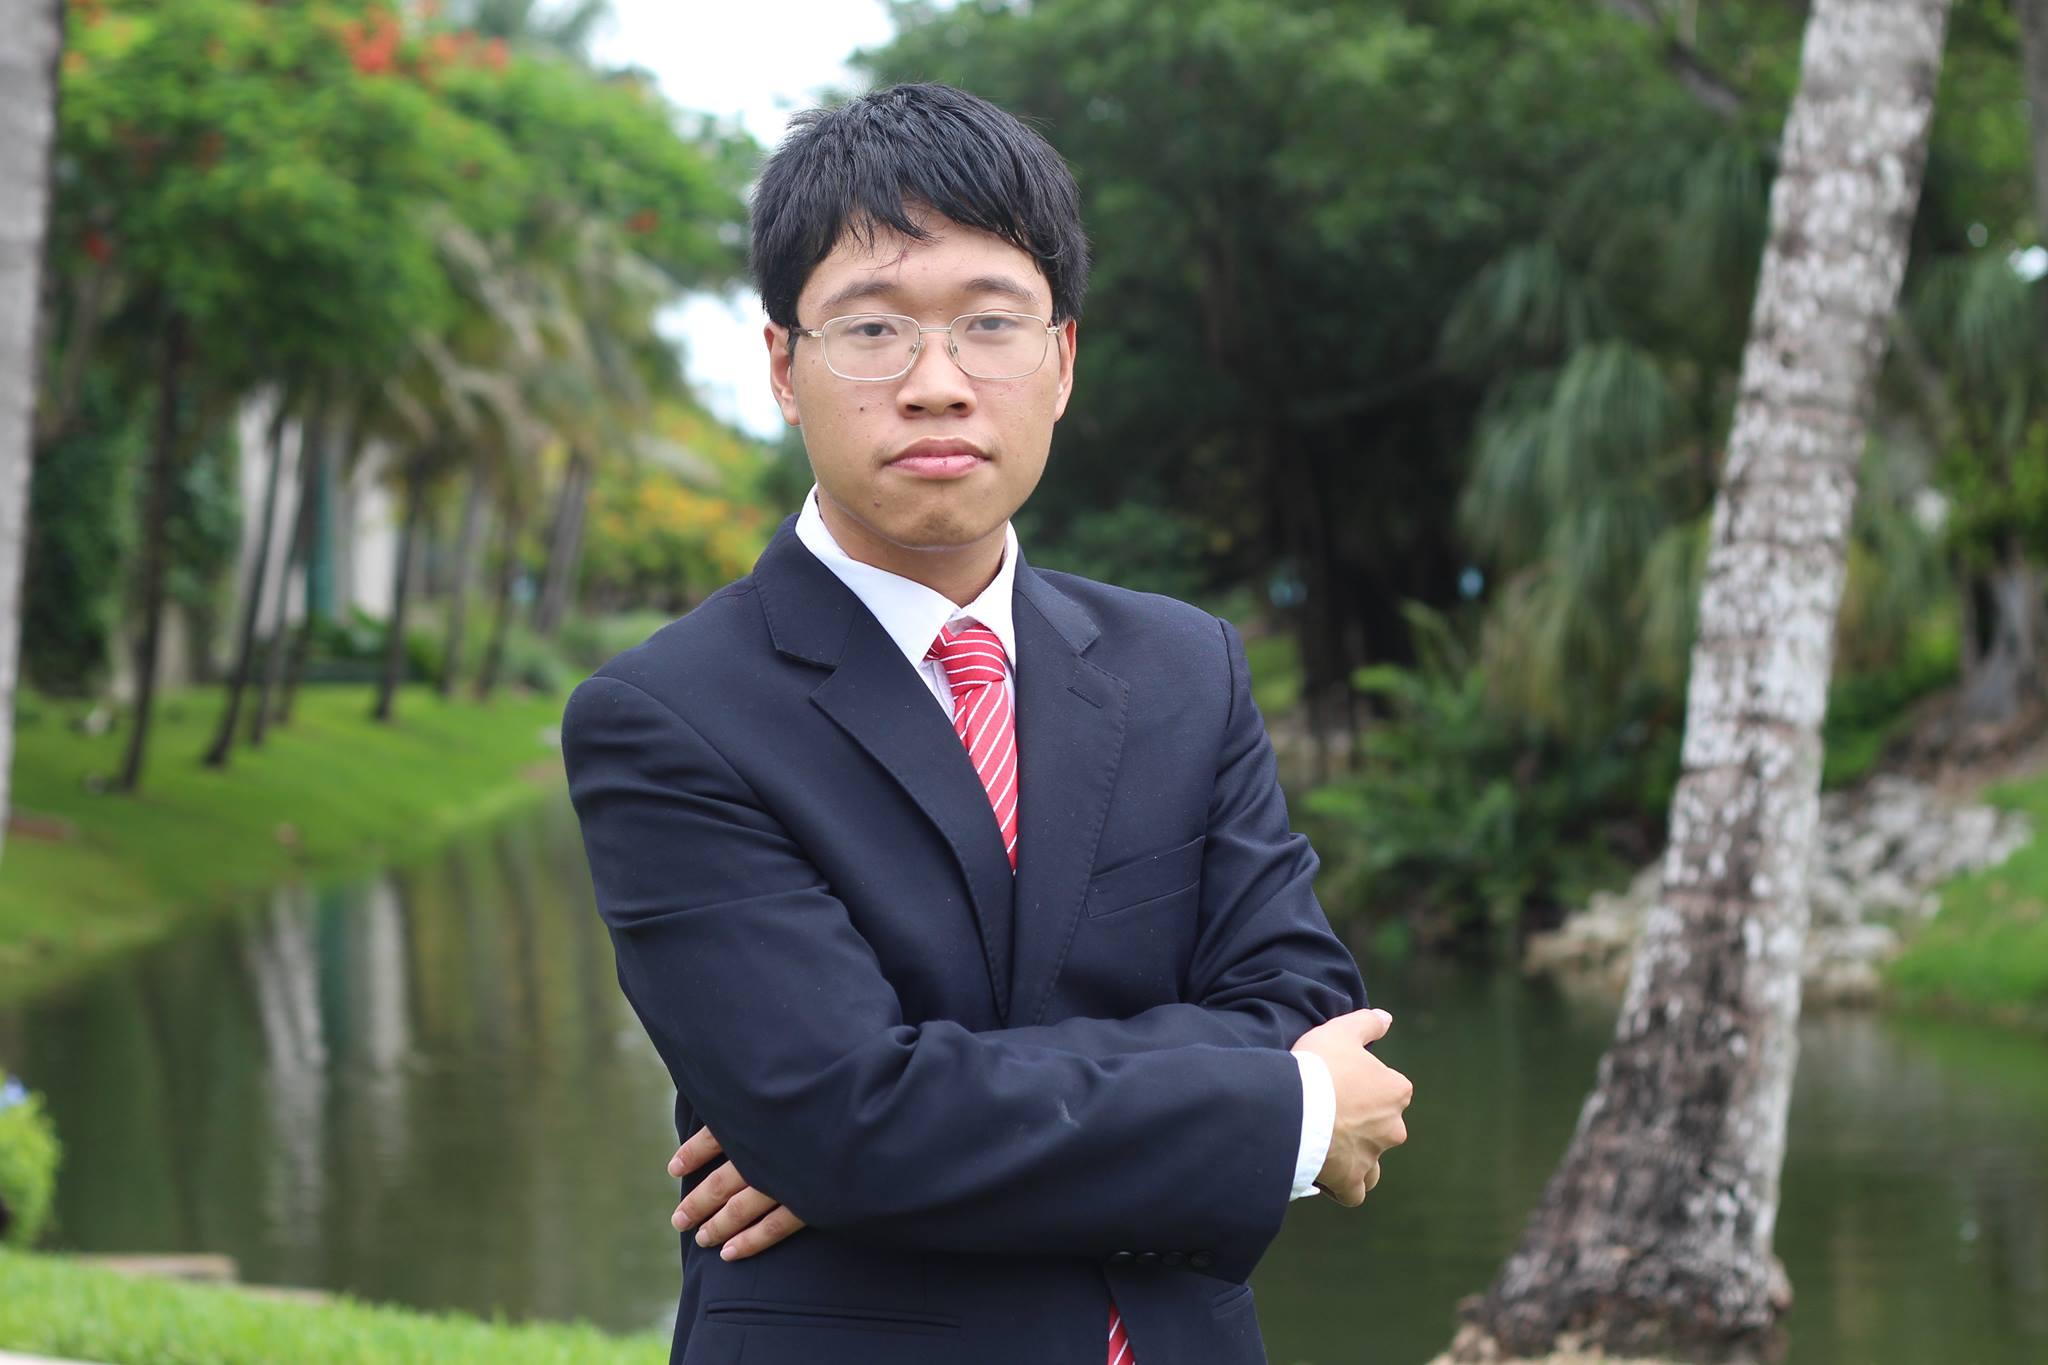 Linh Nghiêm - Đồng chủ tịch VietAbroader. ảnh KTL